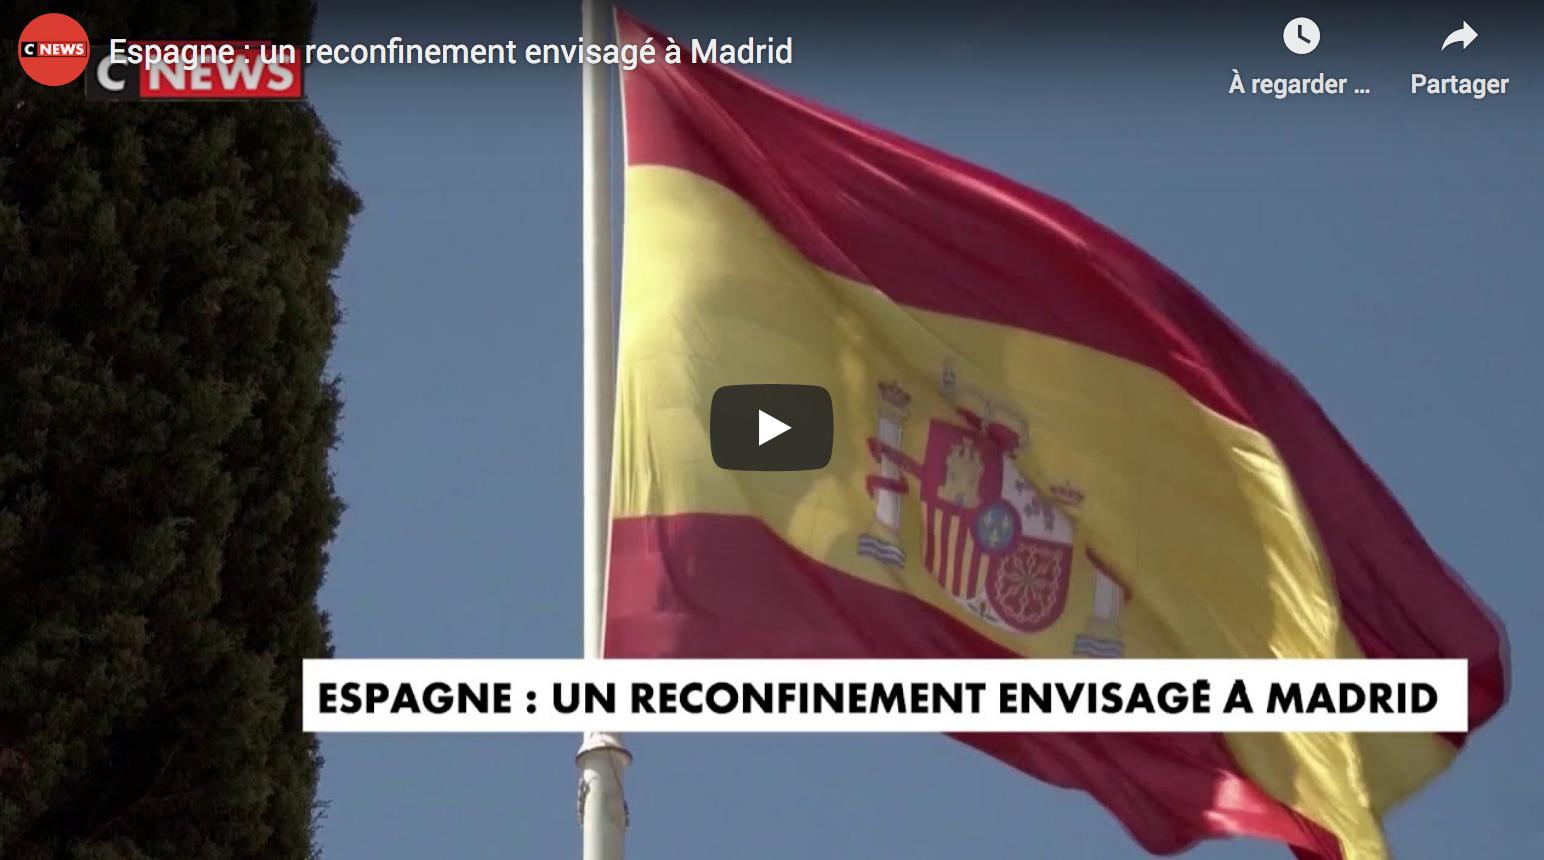 Espagne : un reconfinement envisagé à Madrid